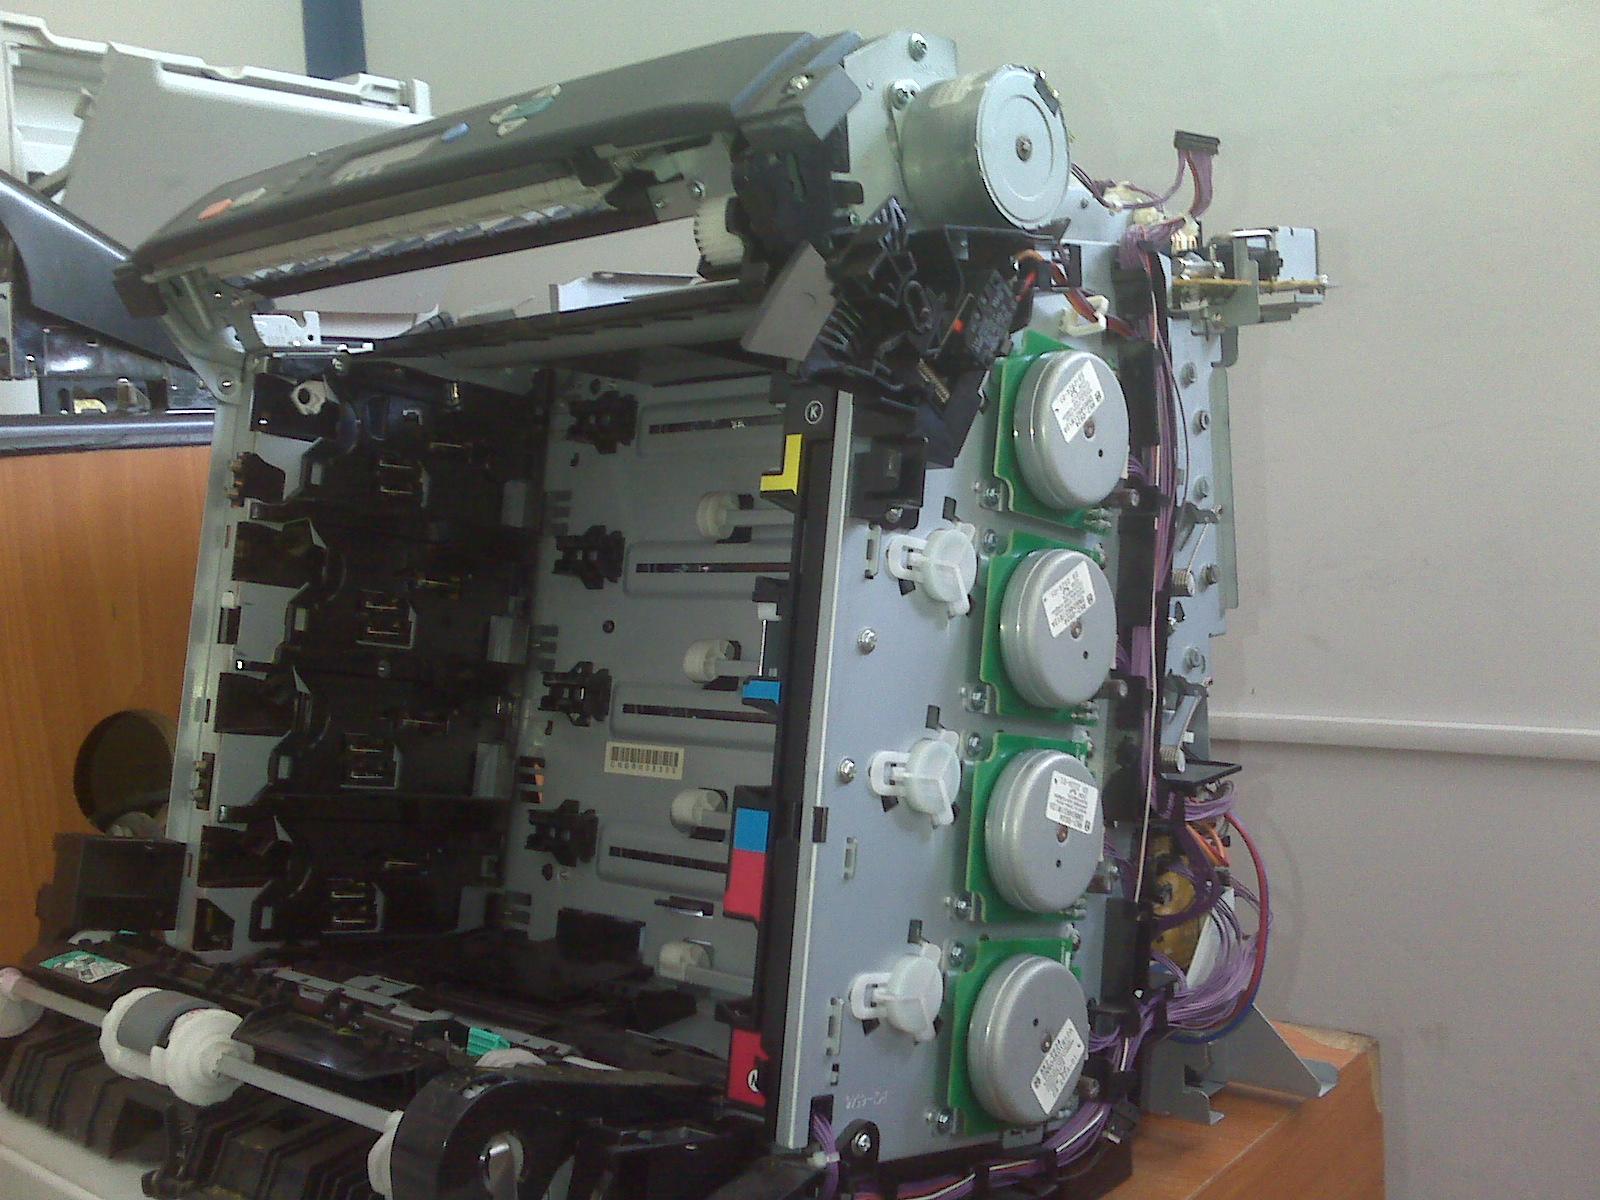 Limpiar espejos de la Impresora Hp 3600n para Corregir impresión ...